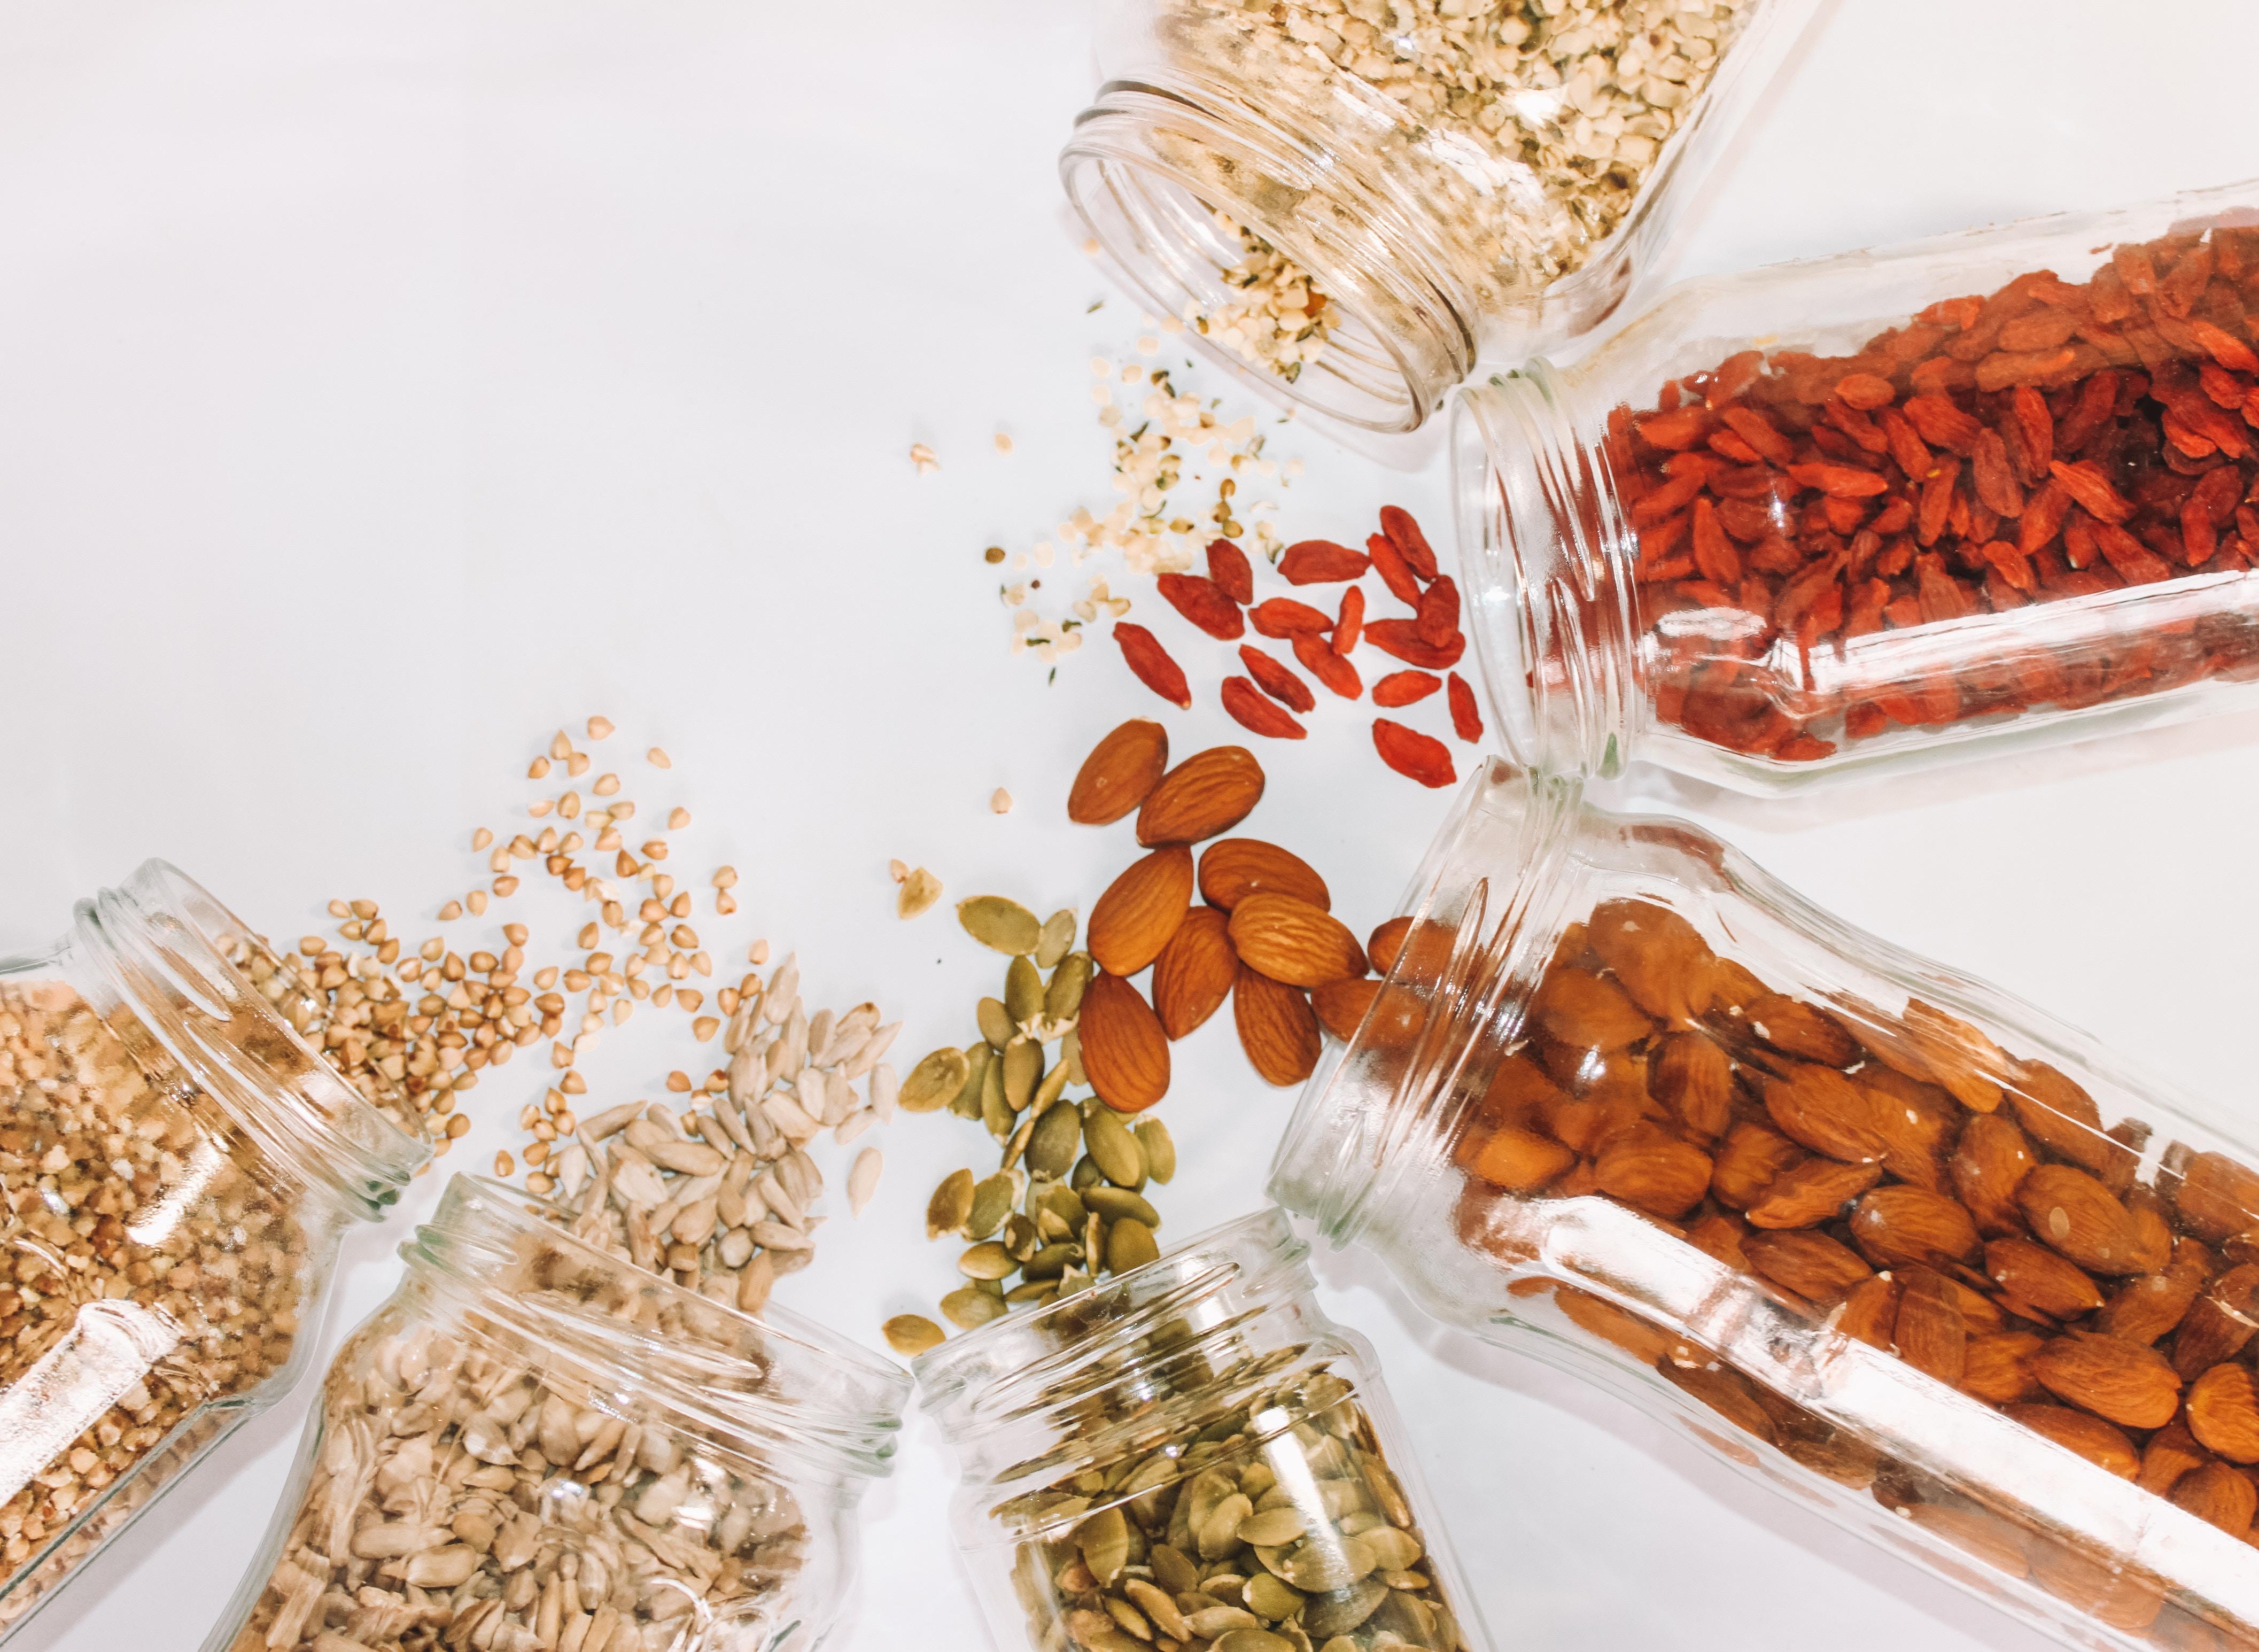 Eiwitrijk voedsel: Dit zijn de 5 beste voeding voor spiermassa MAN MAN